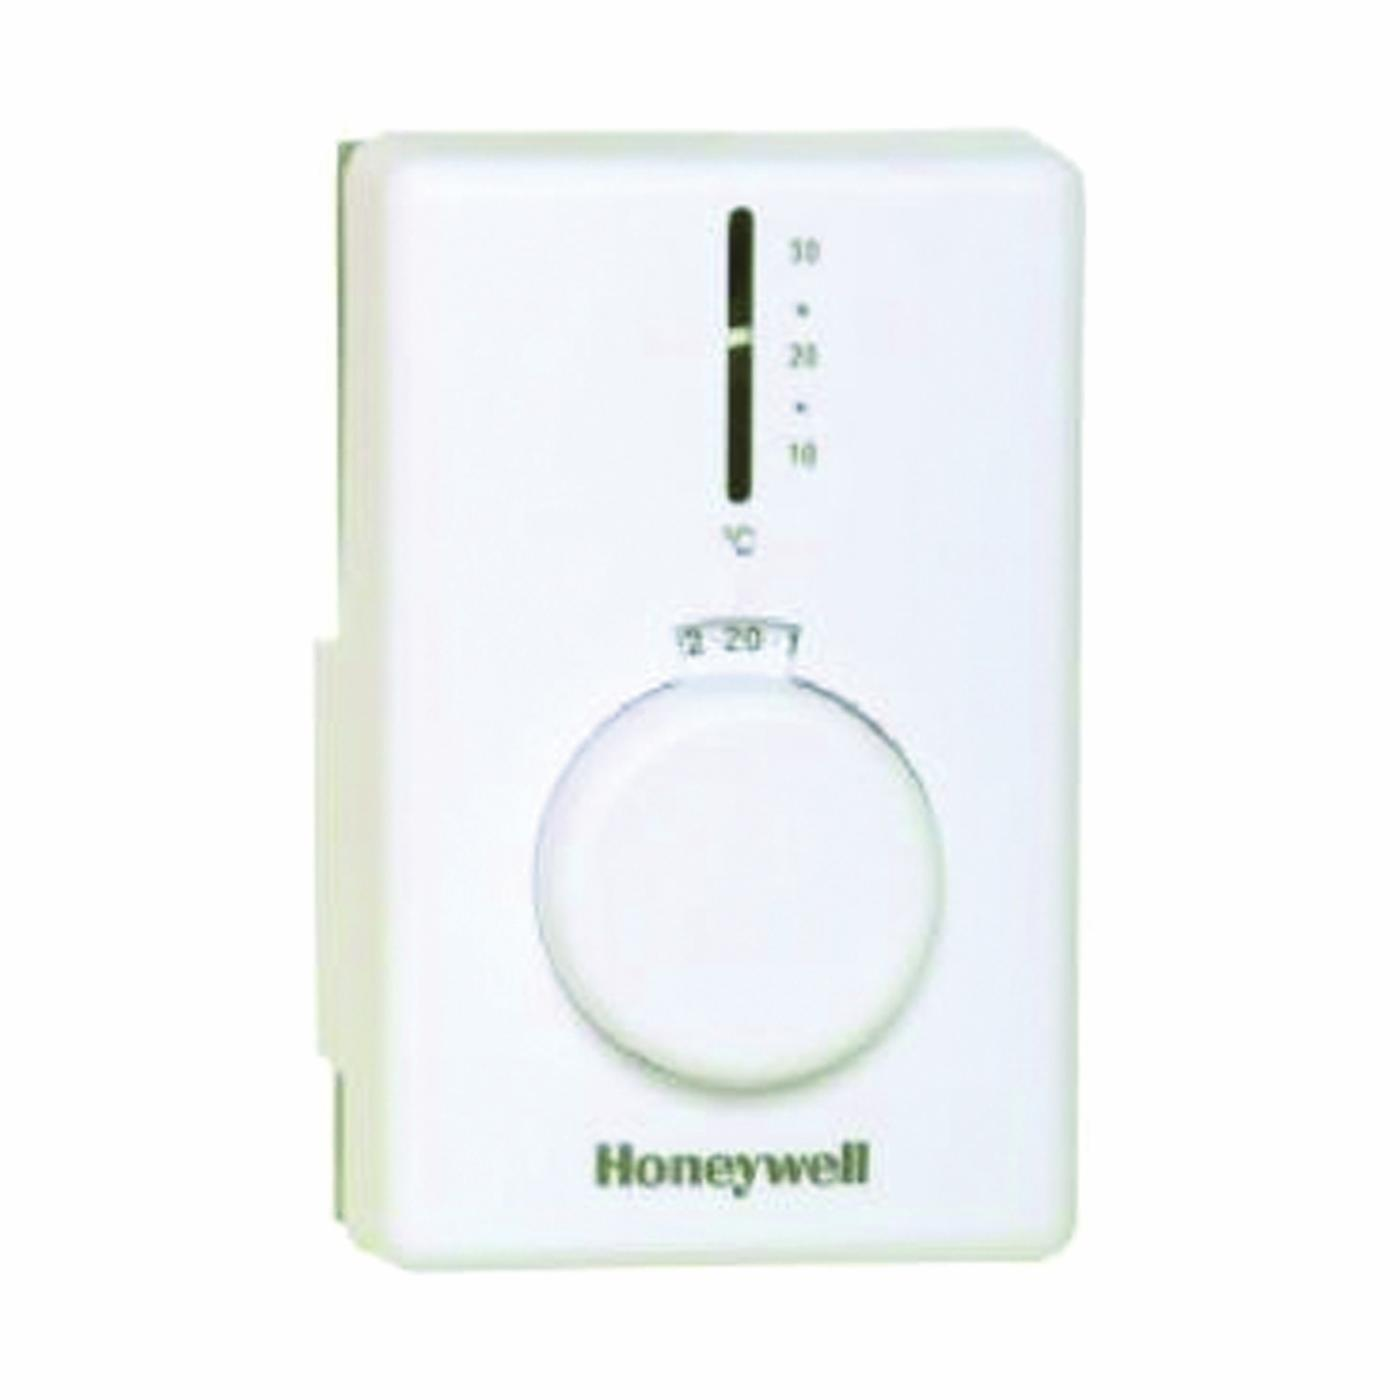 Honeywell CT62B1015/E1